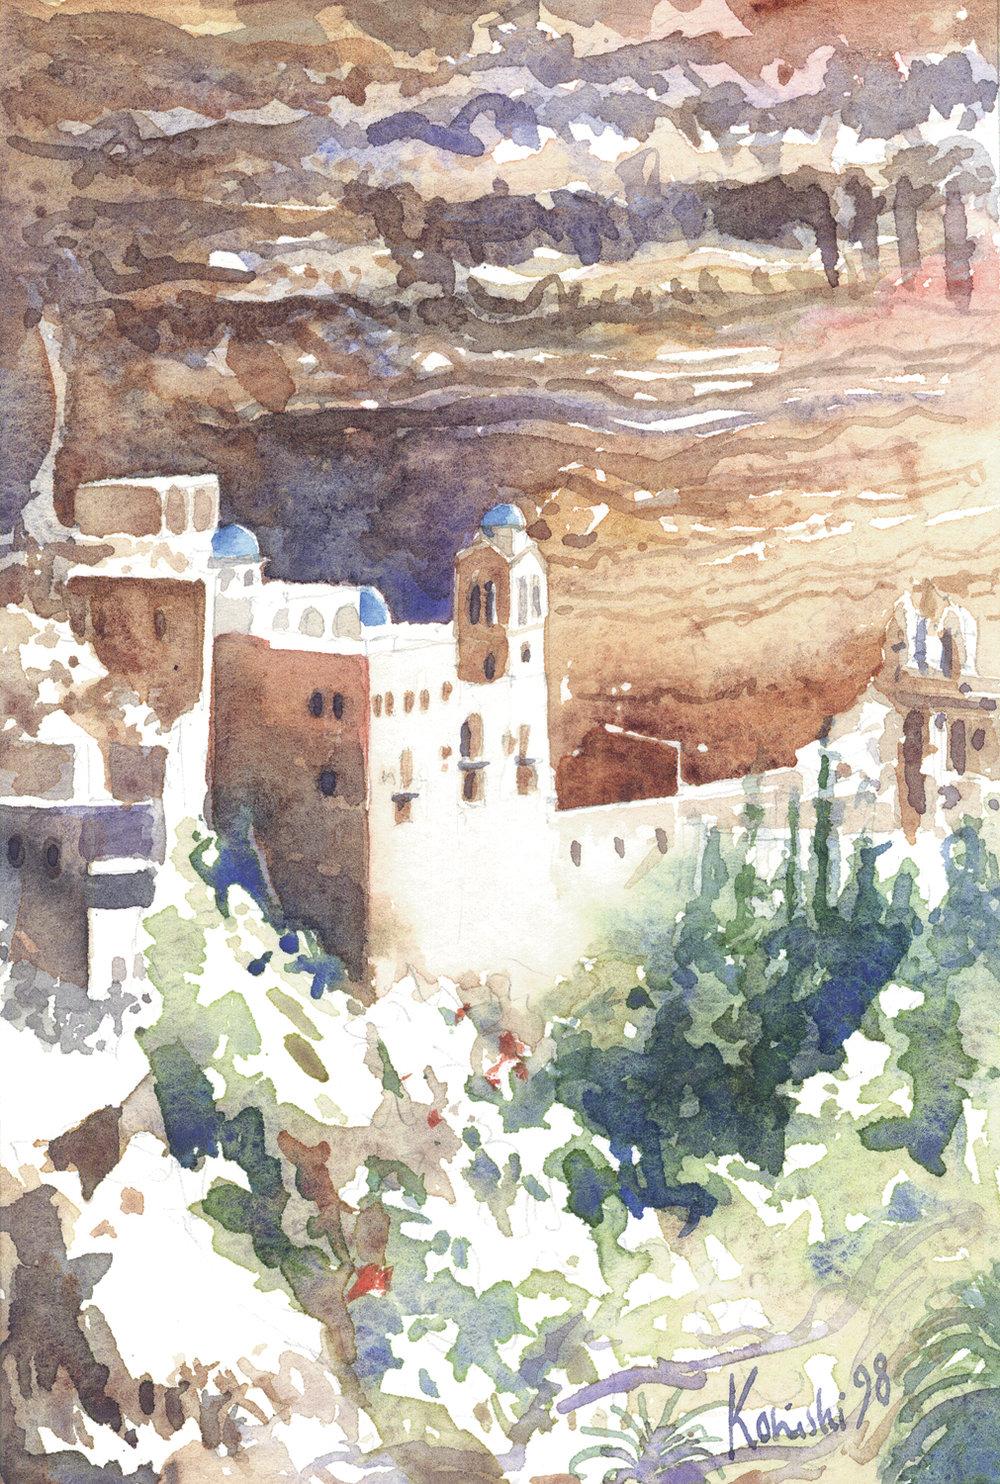 St. George's Monastery, Wadi Kelt